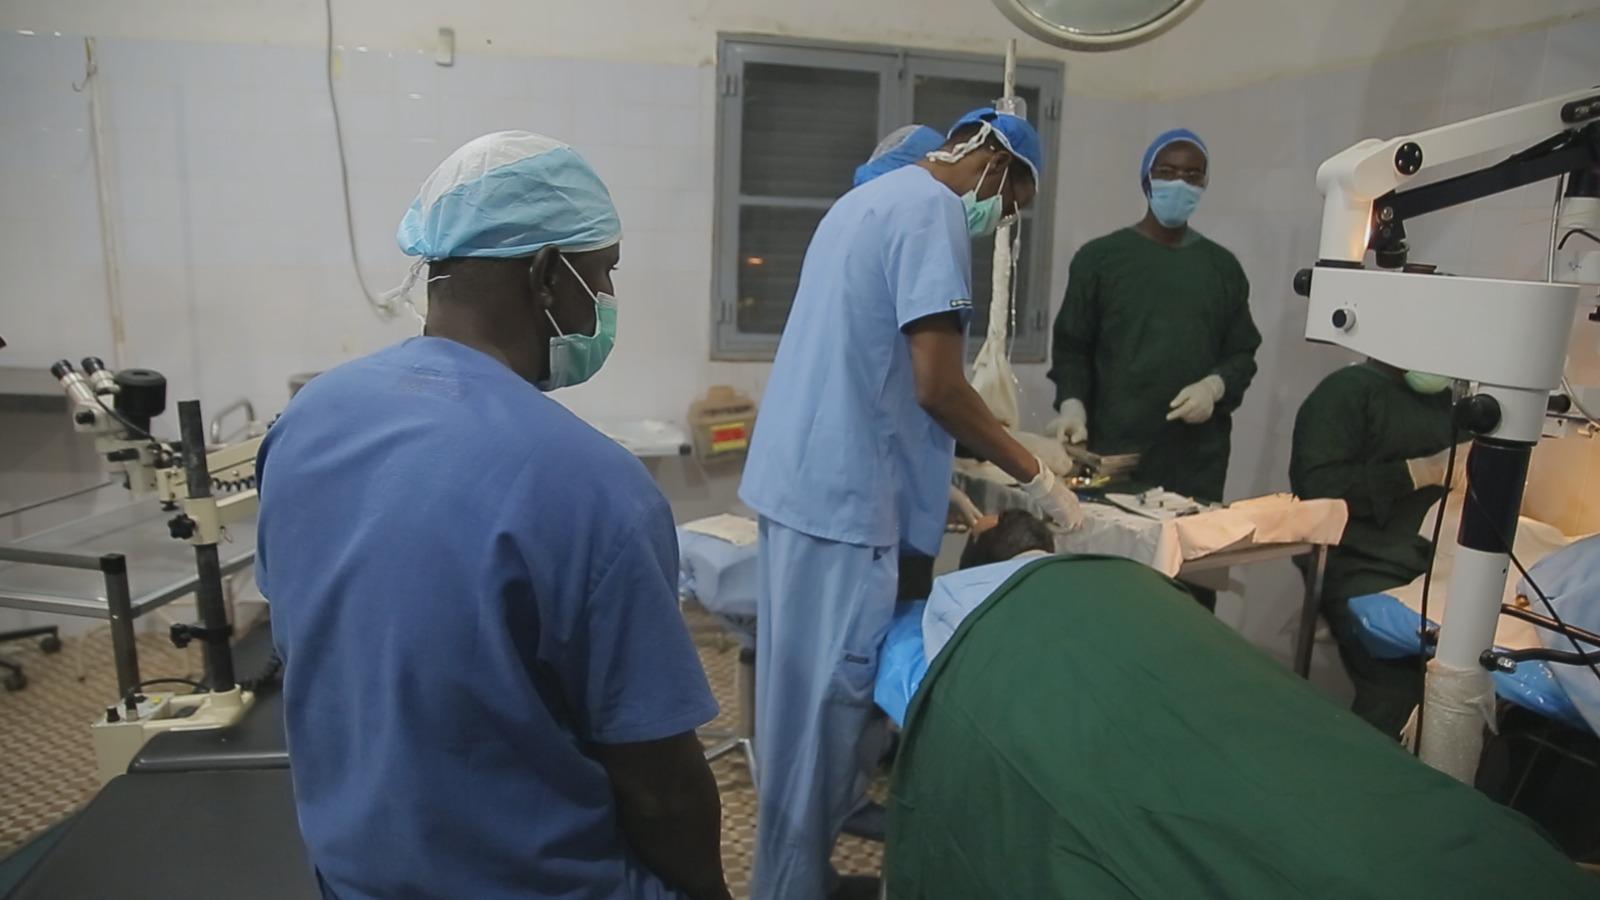 #النجاة_الخيرية نظمت المخيم الطبي الانساني الثالث لمكافحة العمى في تشاد